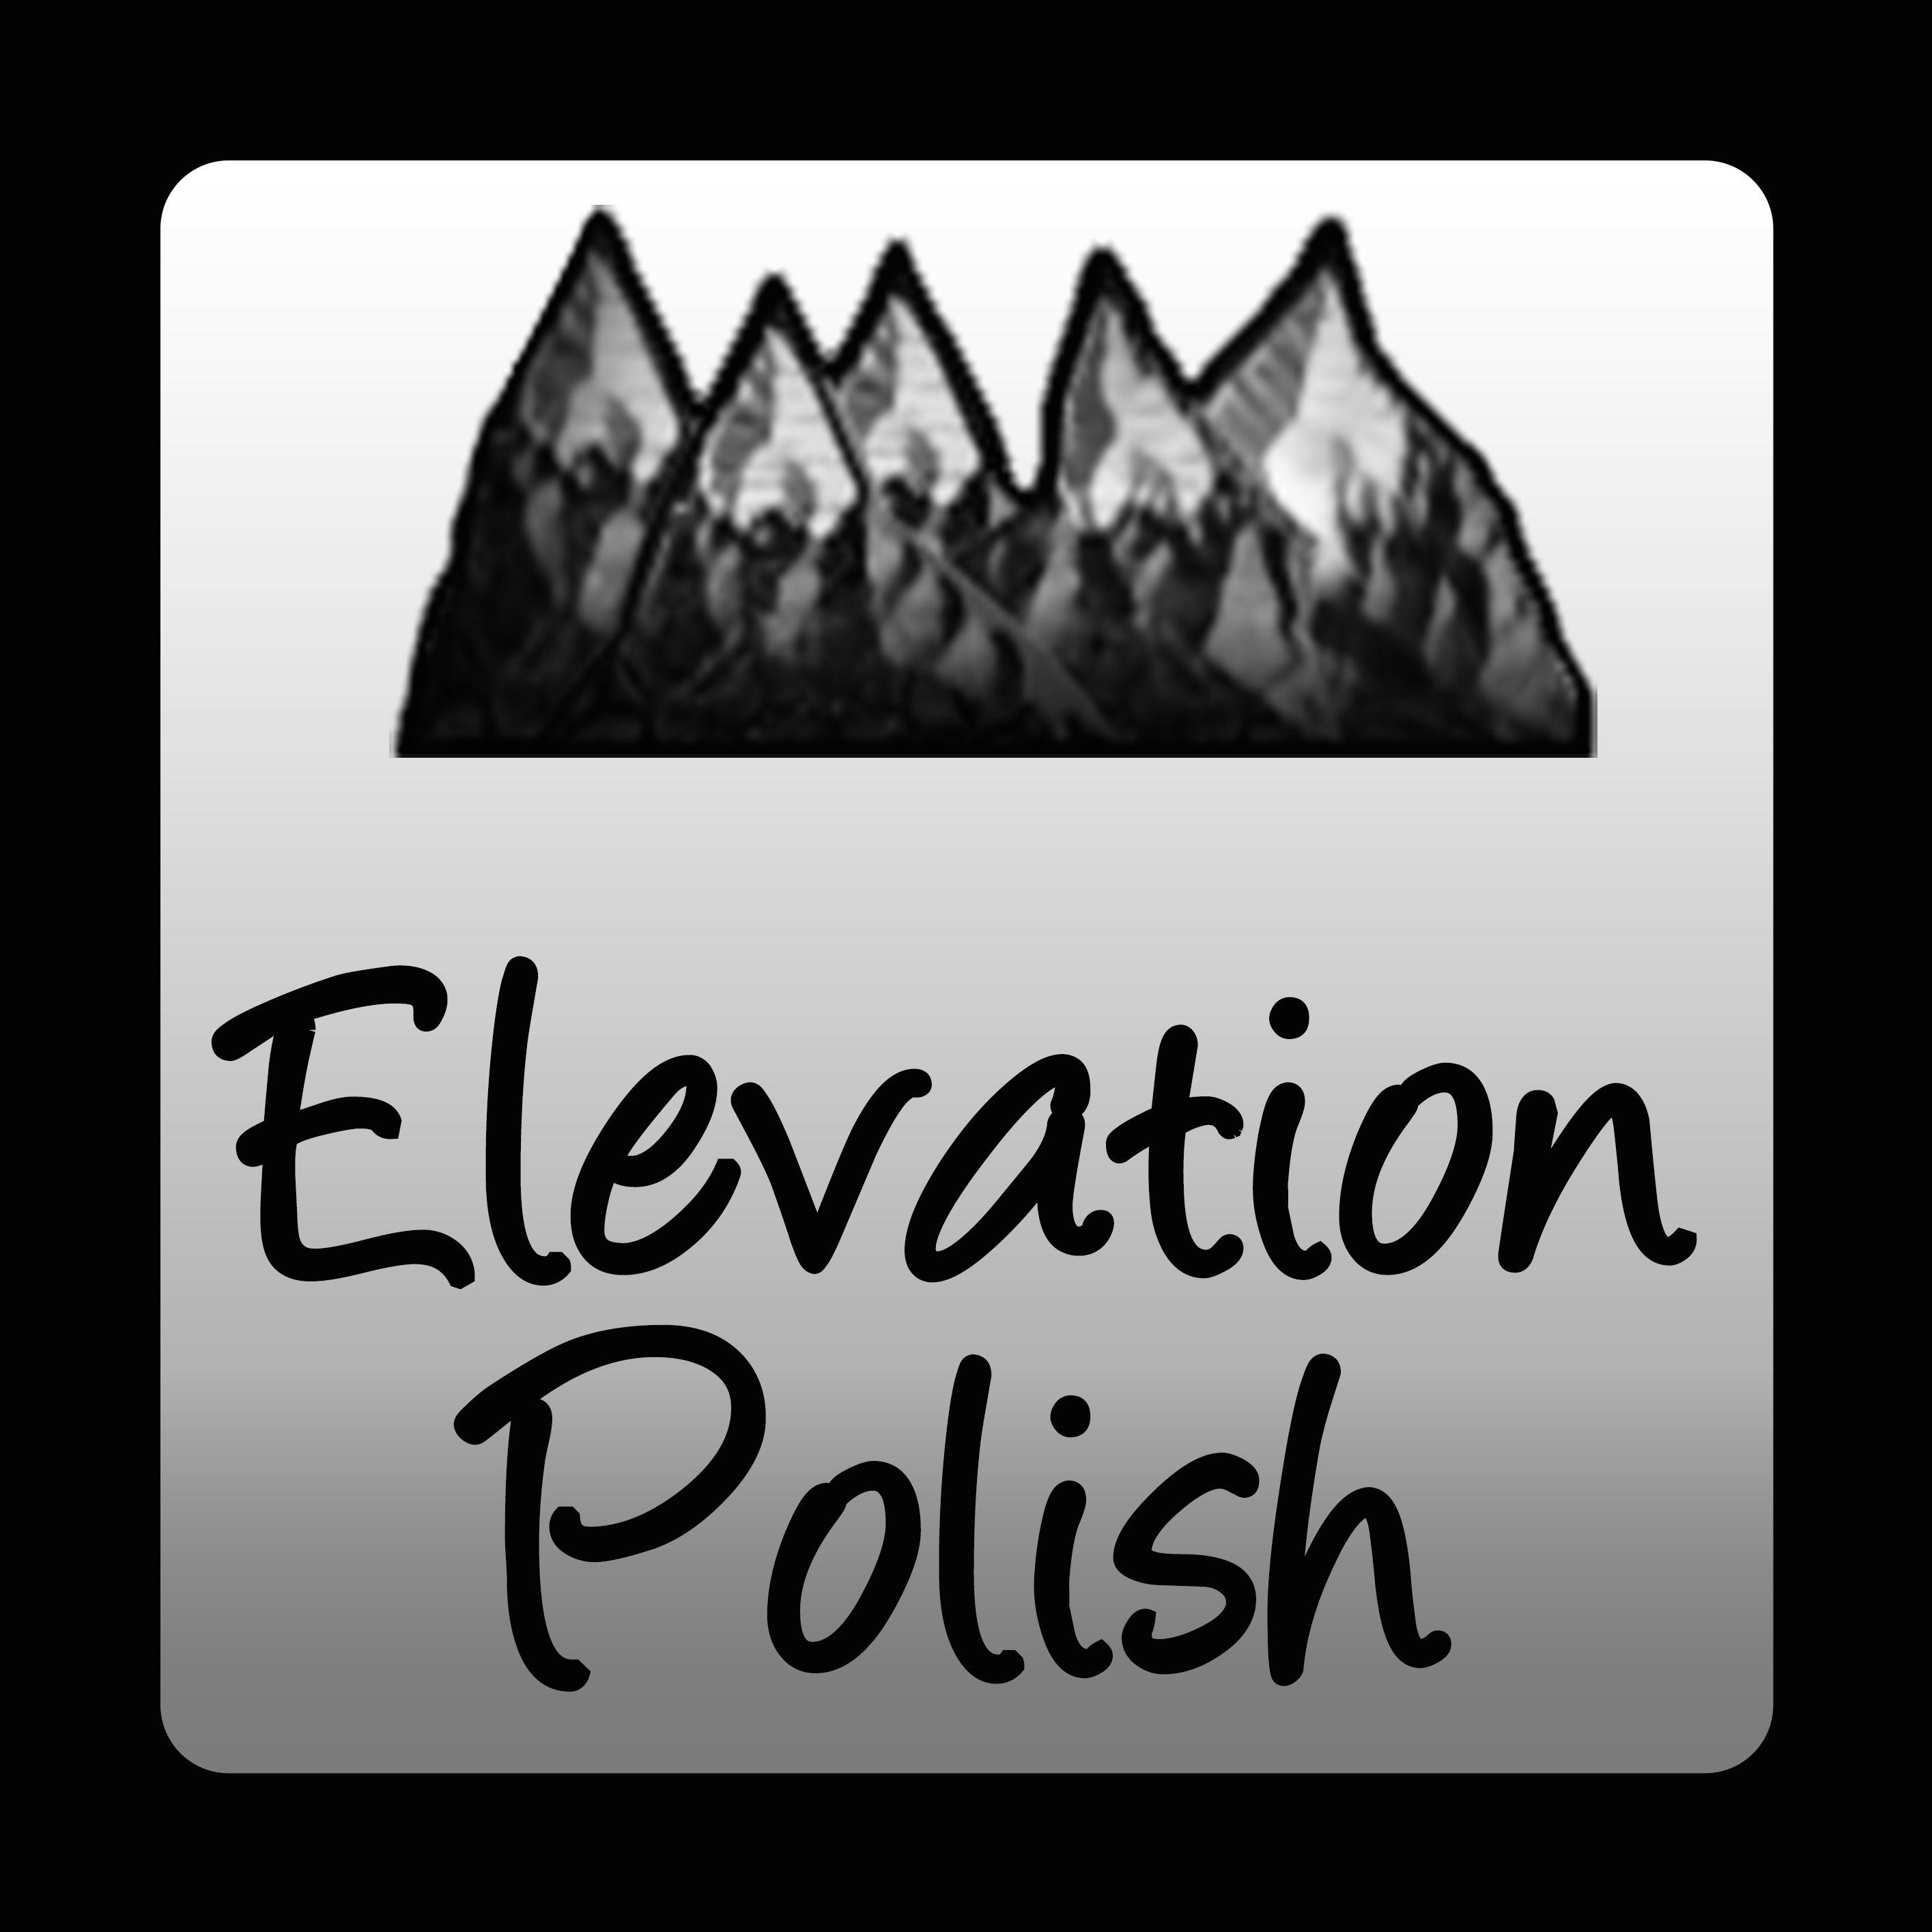 Elevation Polish